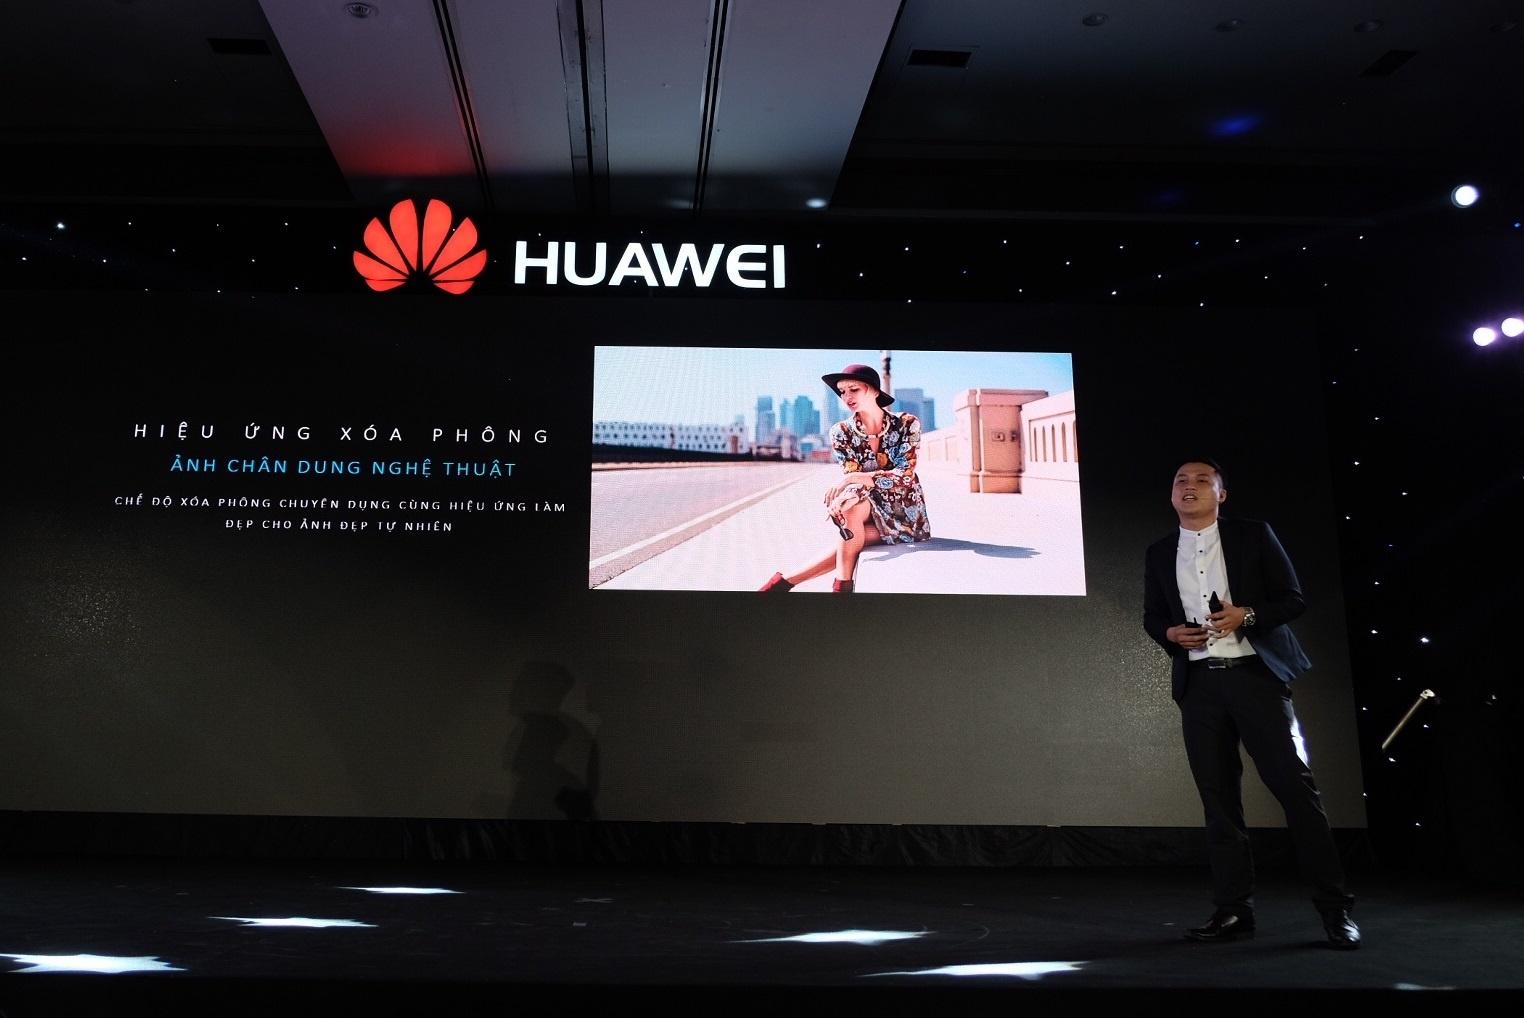 Huawei ra mat smartphona Nova 2i anh 7